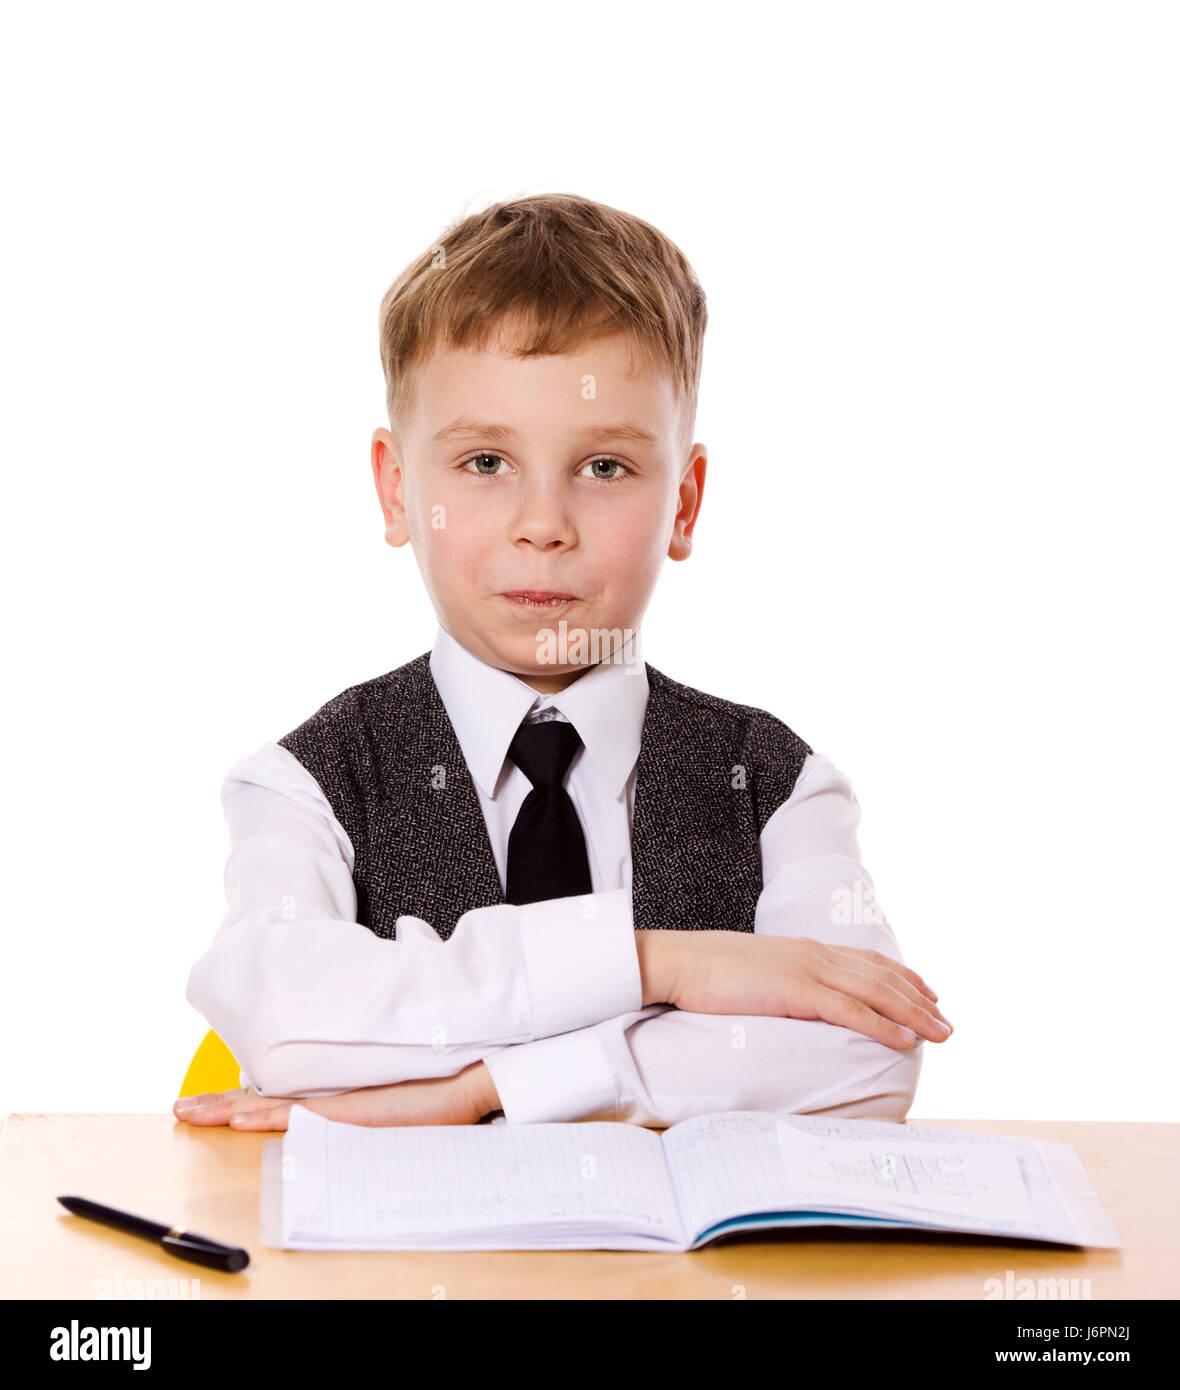 Schüler machen Hausaufgaben sitzen isoliert auf weiss Stockbild